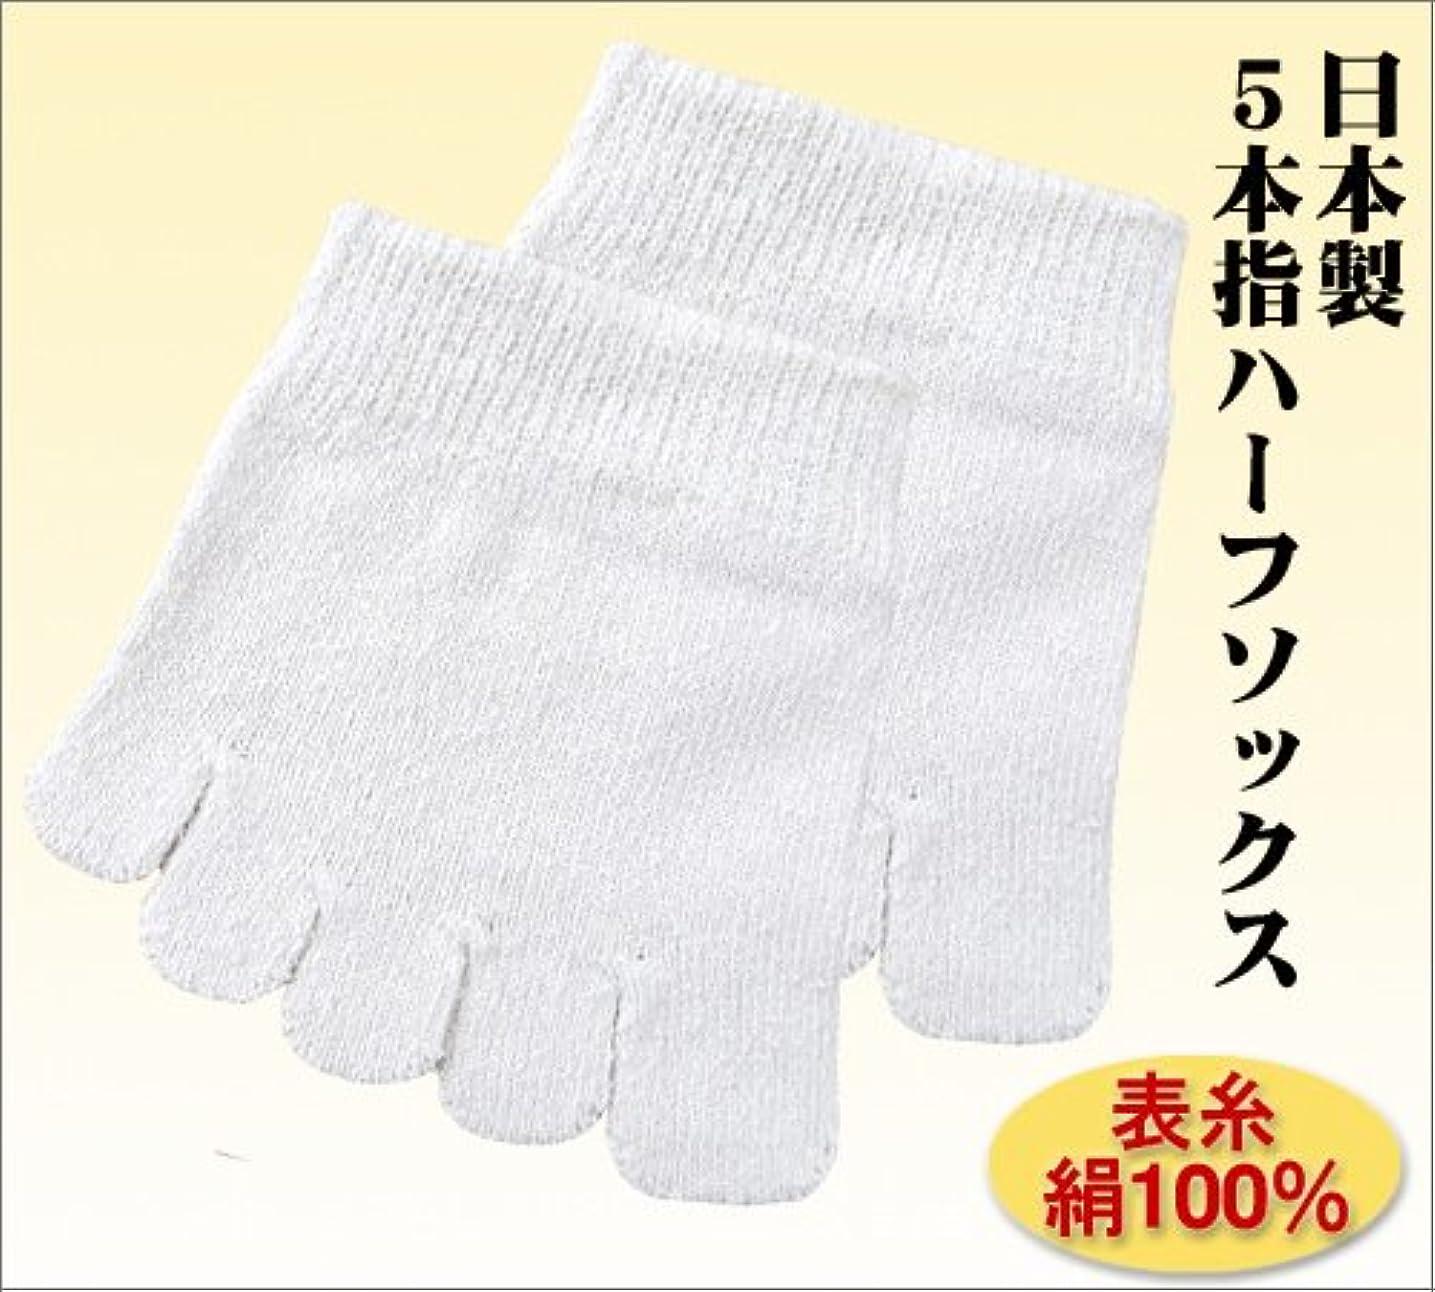 日本製 天然シルク5本指ハーフソックス 表糸絹100% 快適な指先ソックス 2足組 (婦人(オフ白2足組))